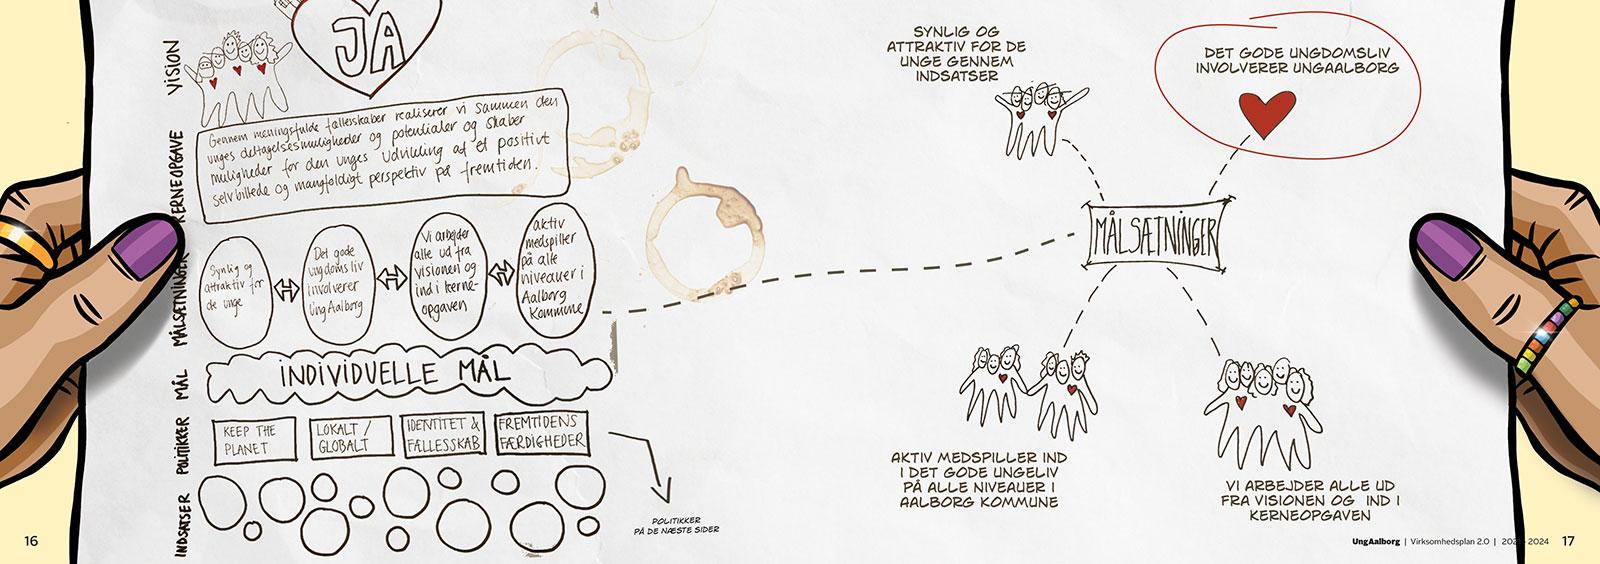 Tegning af målsætninger for UngAalborg